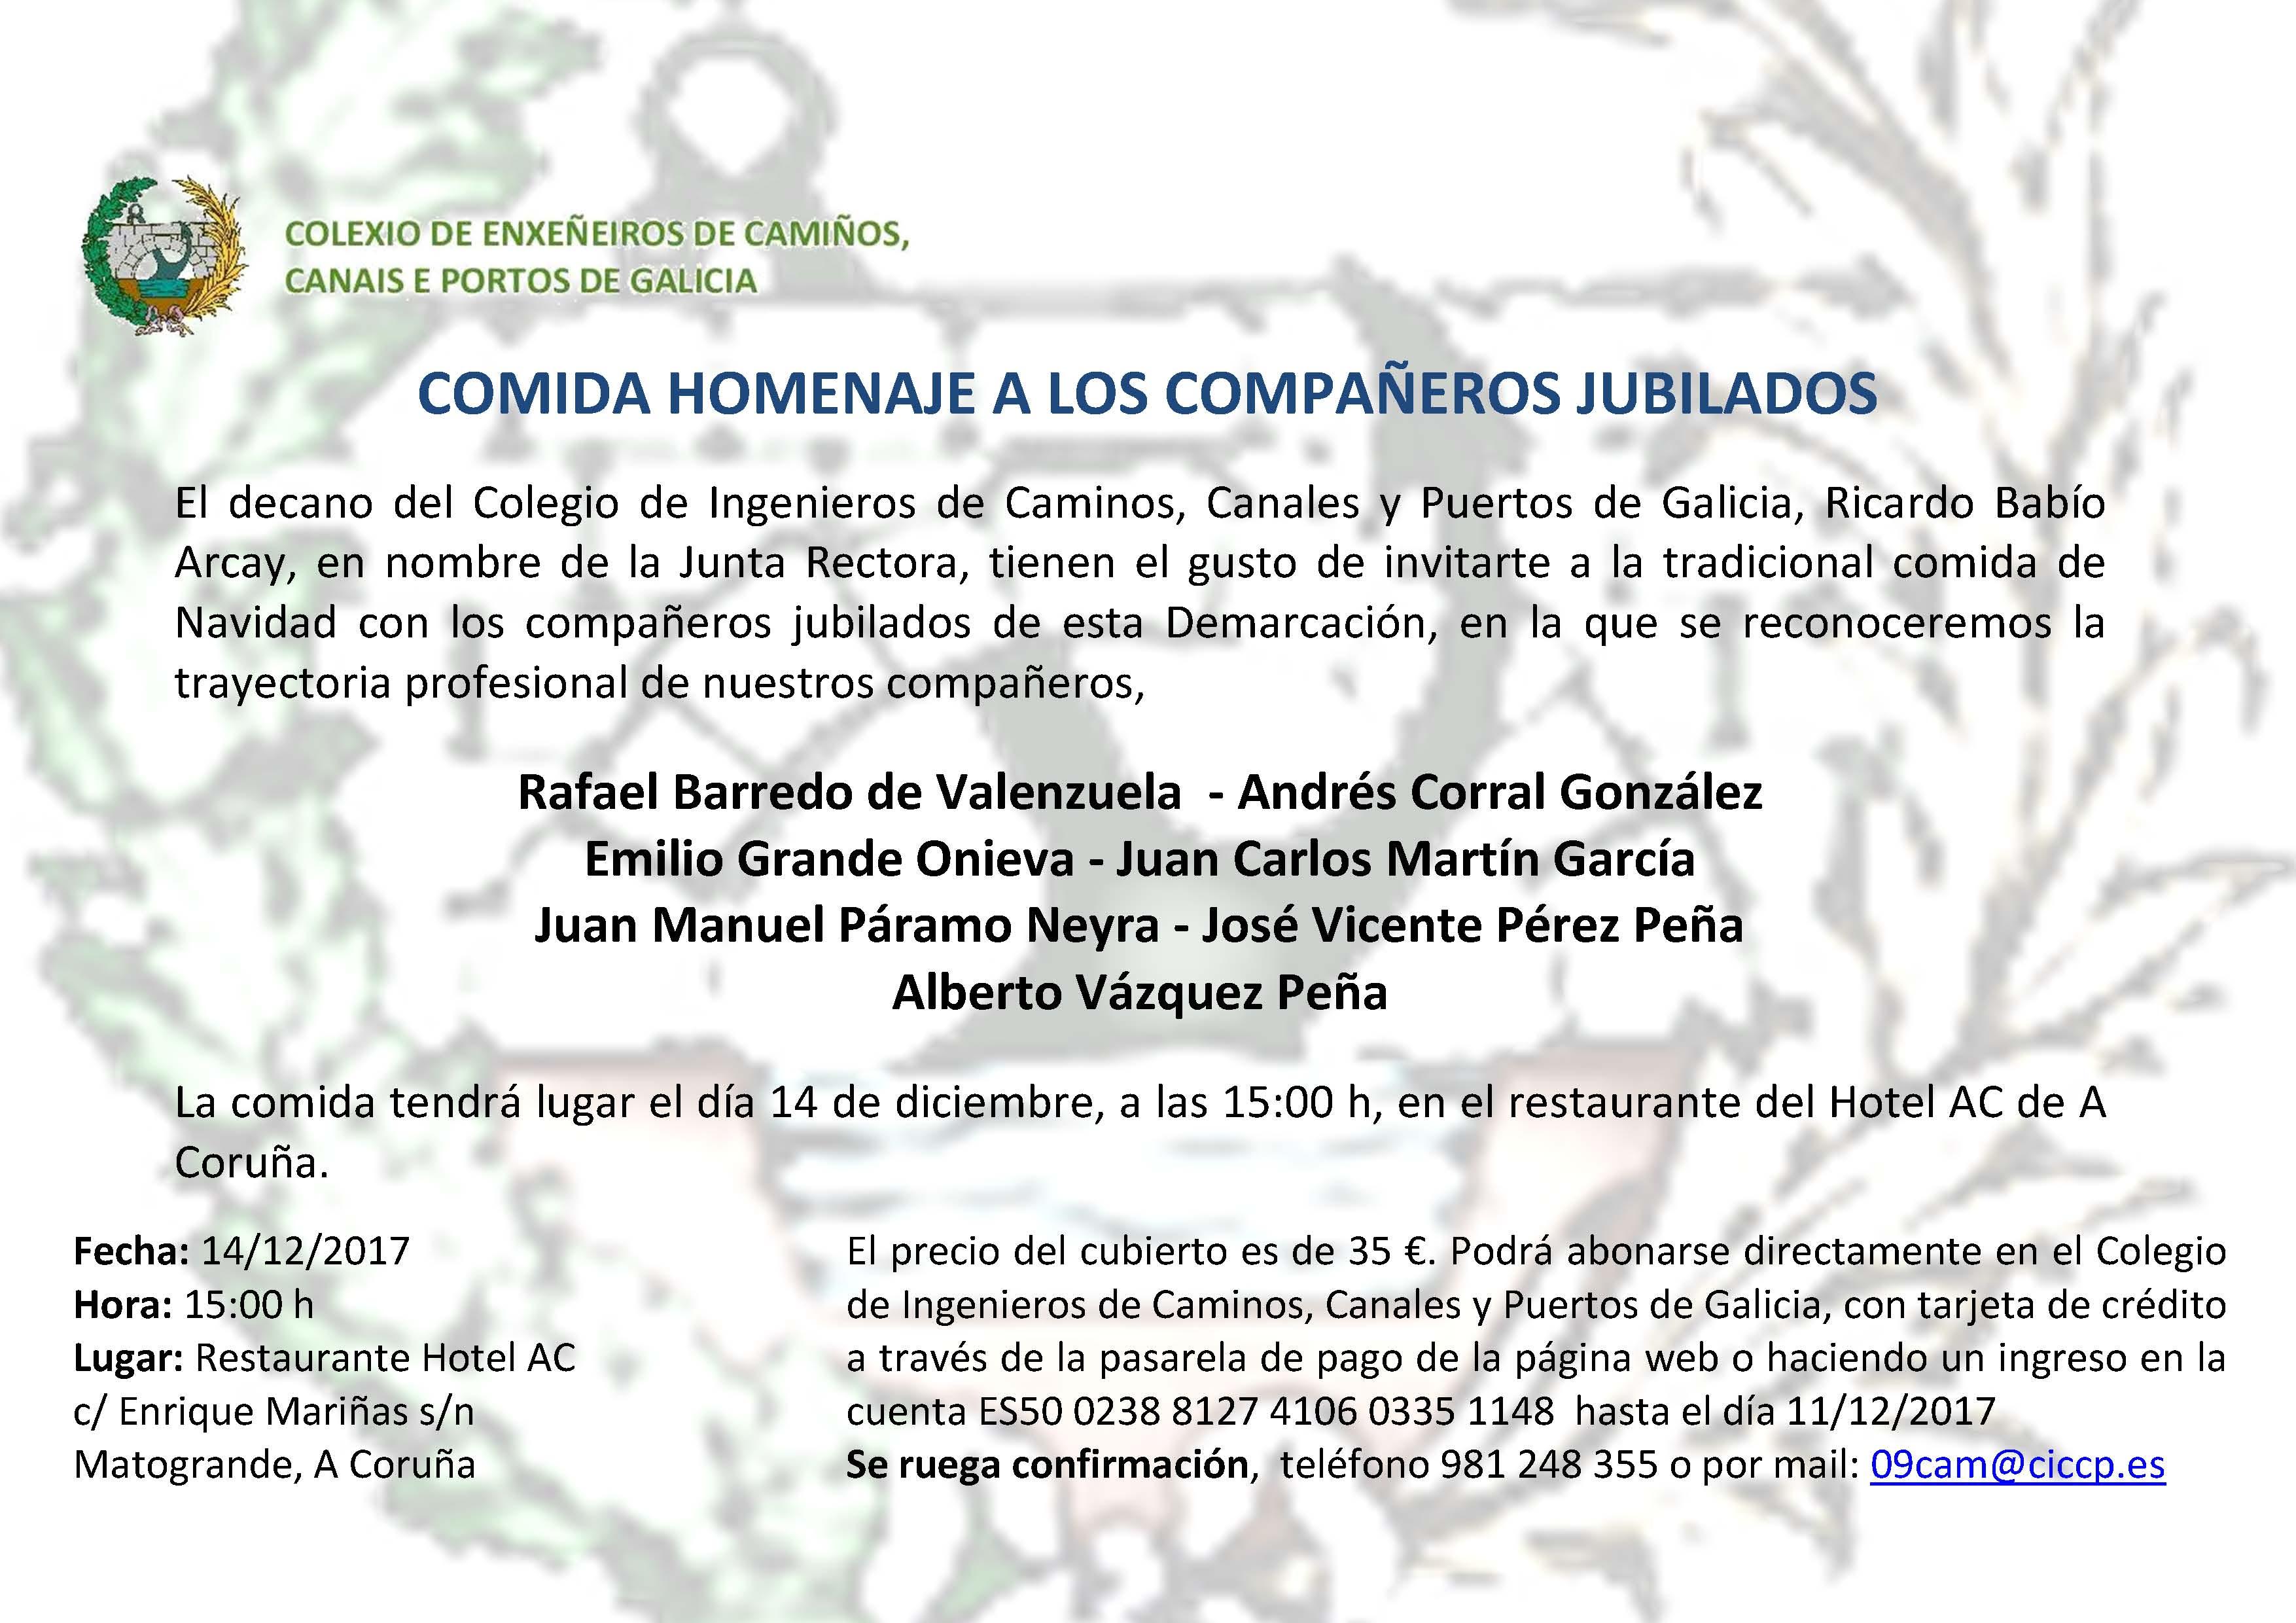 Comida Homenaje A Los Compañeros Jubilados Colexio De